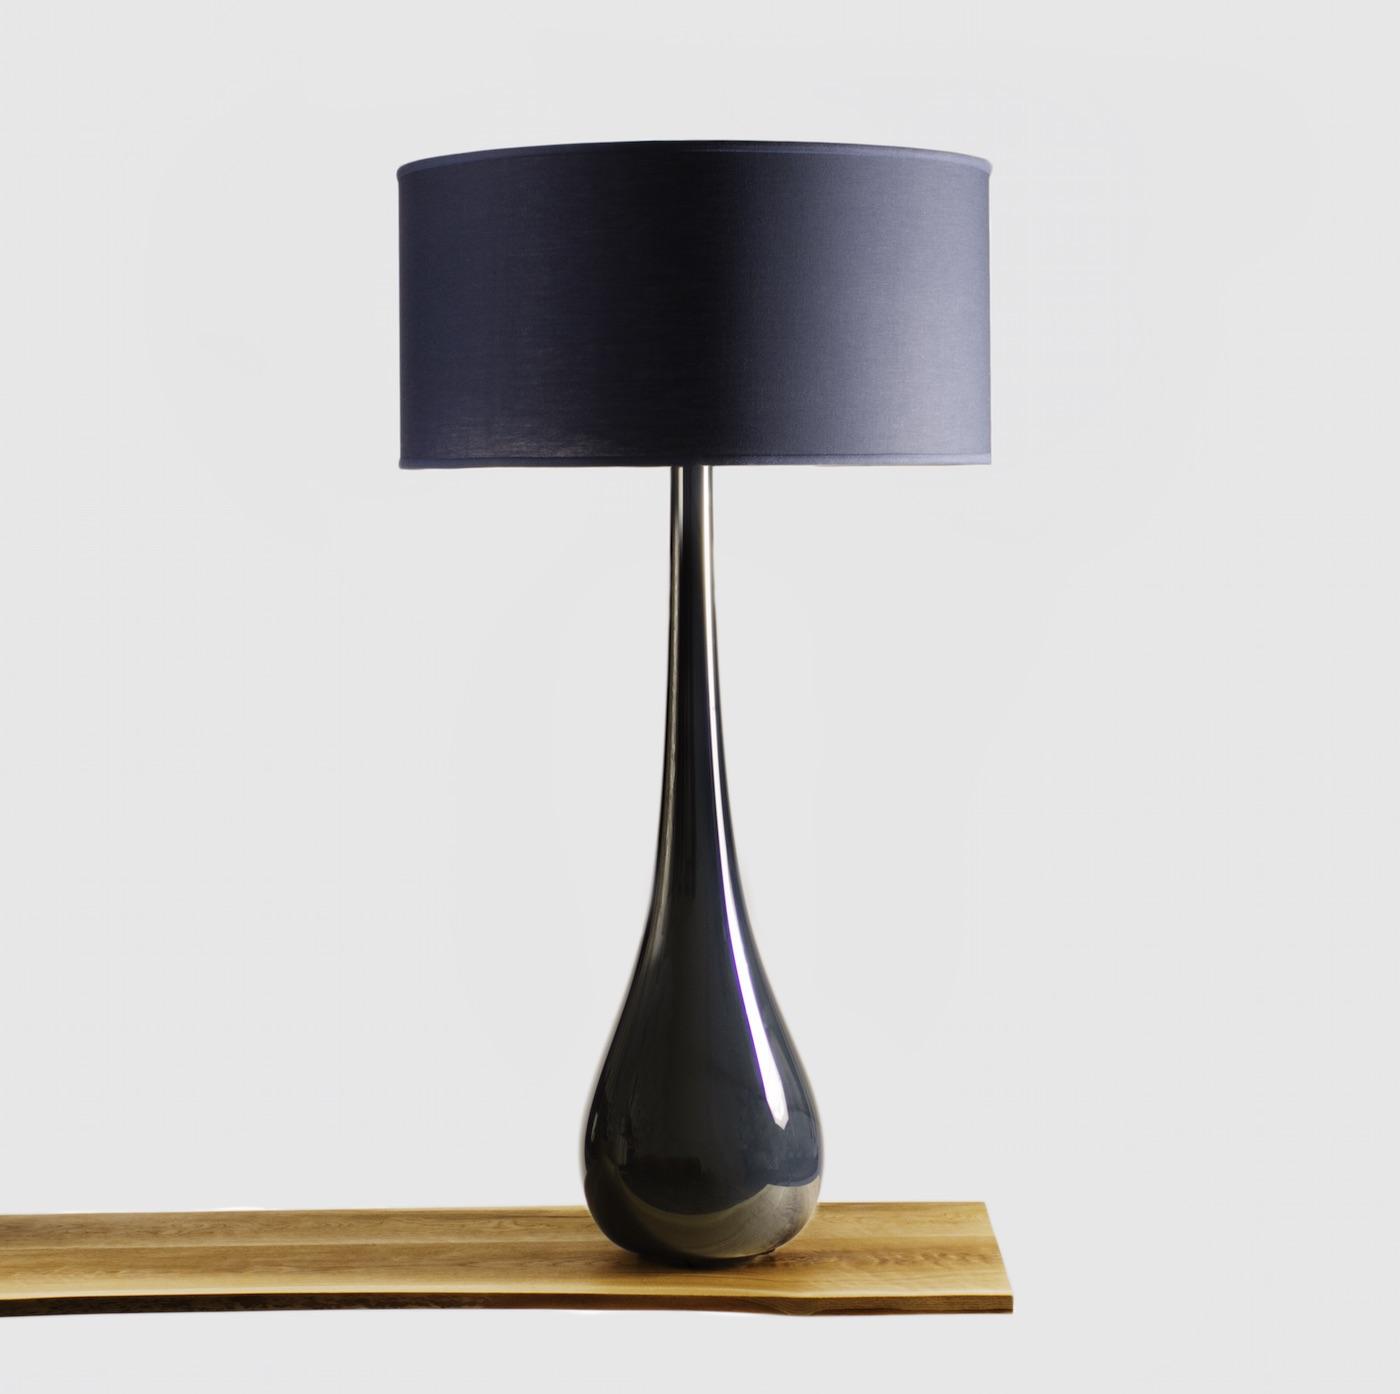 ludwig_larsen_black_drop_lamp